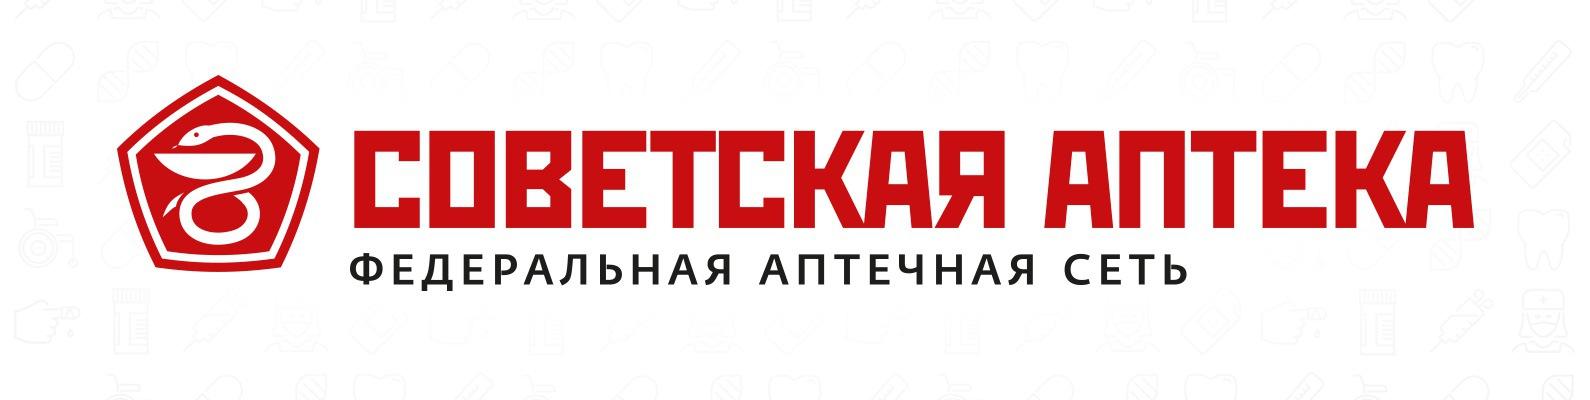 современный картинки советская аптека может быть небольшой